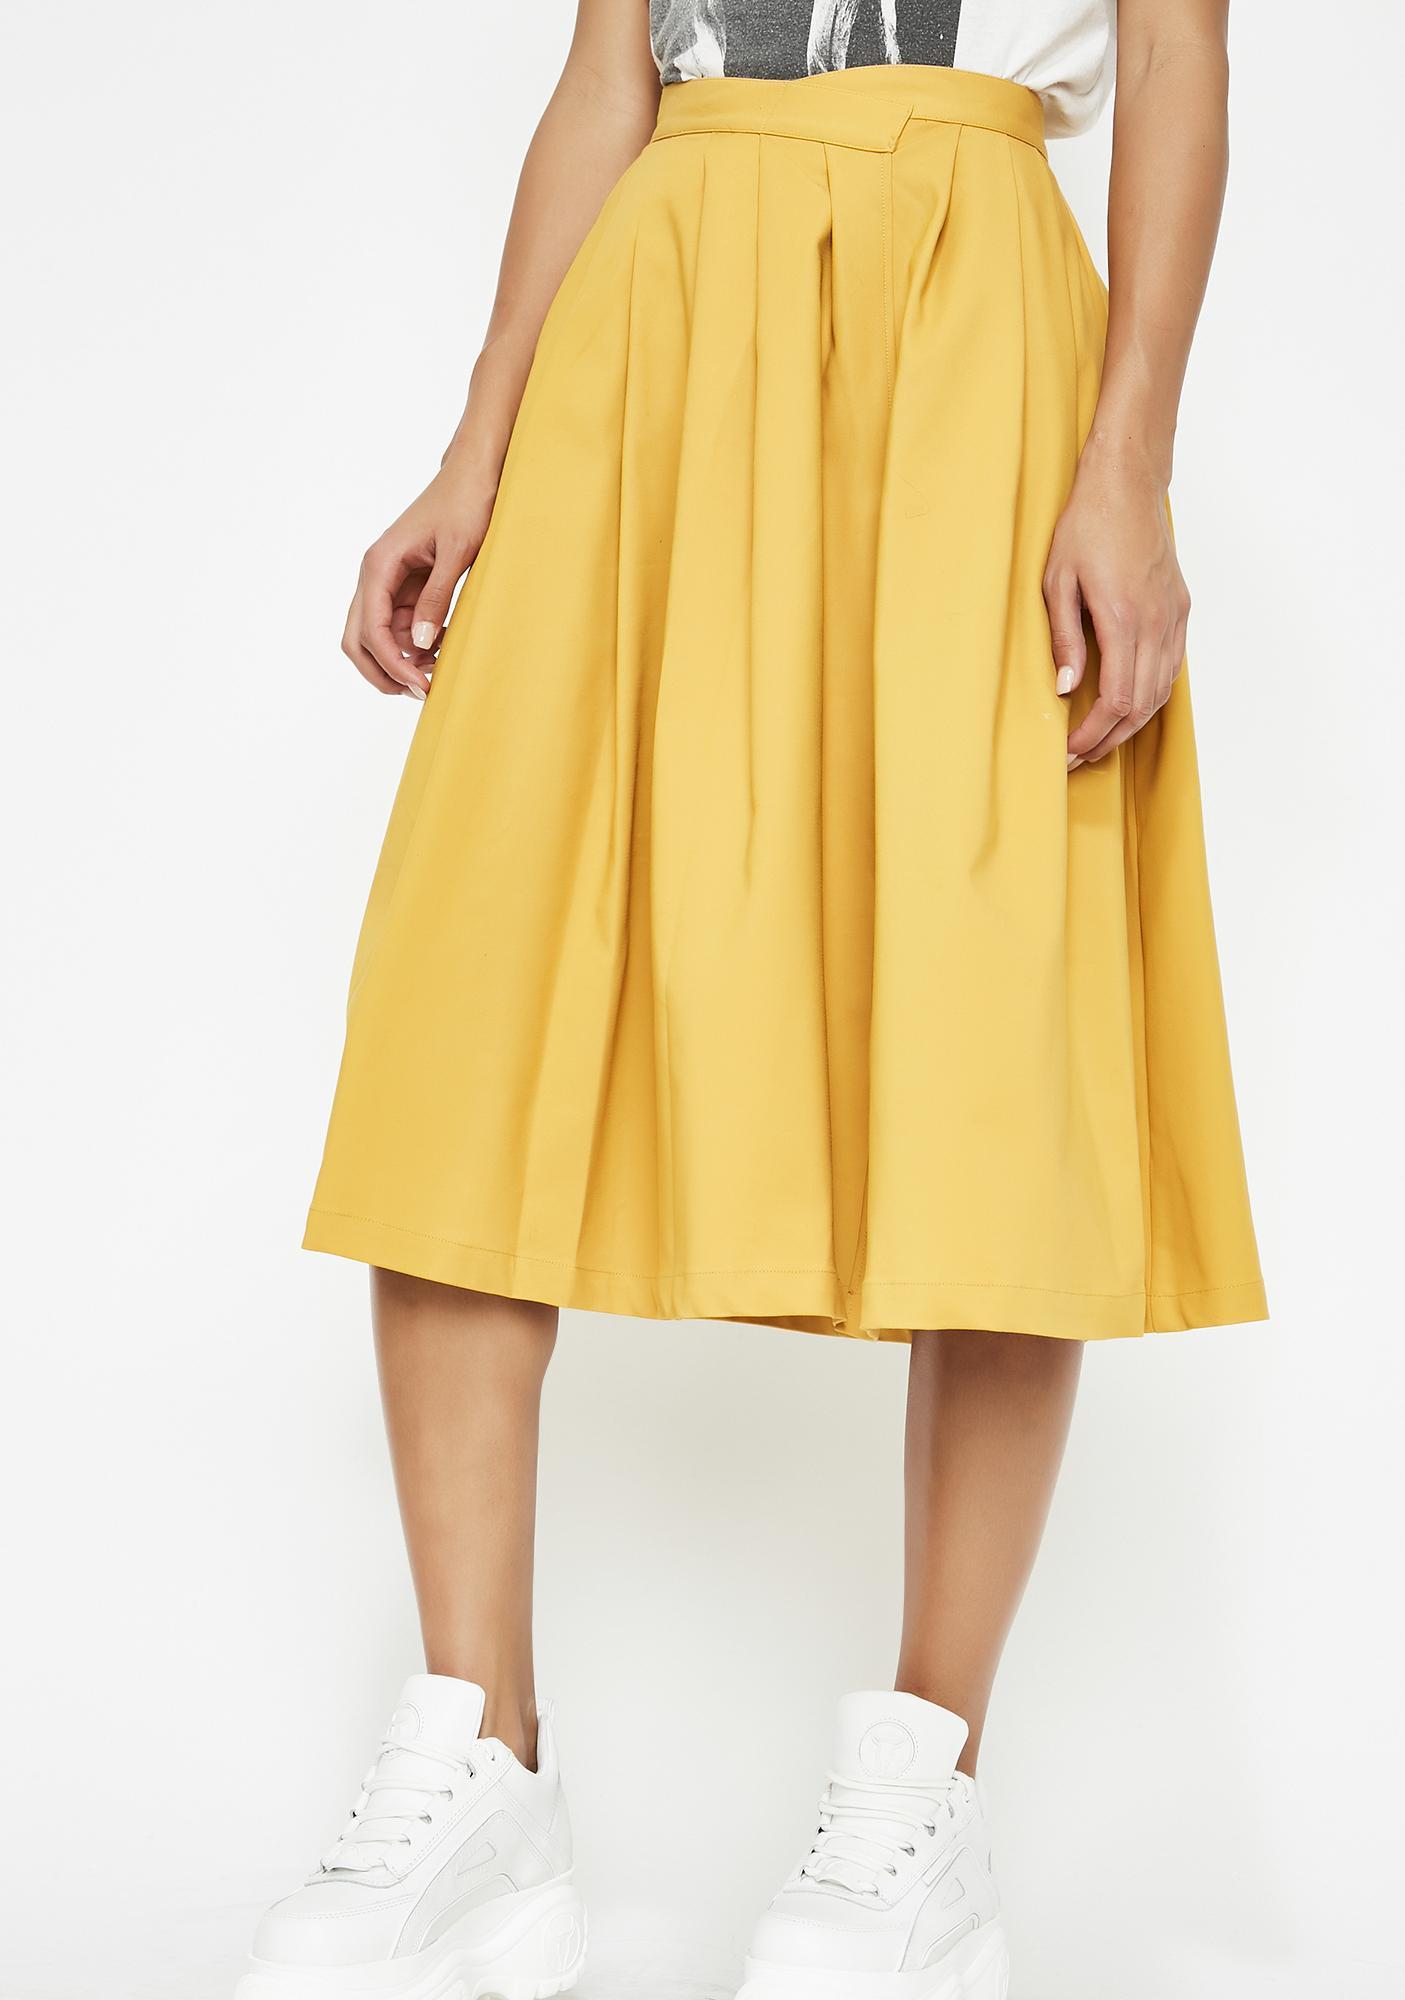 Spotlight Kid Pleated Skirt